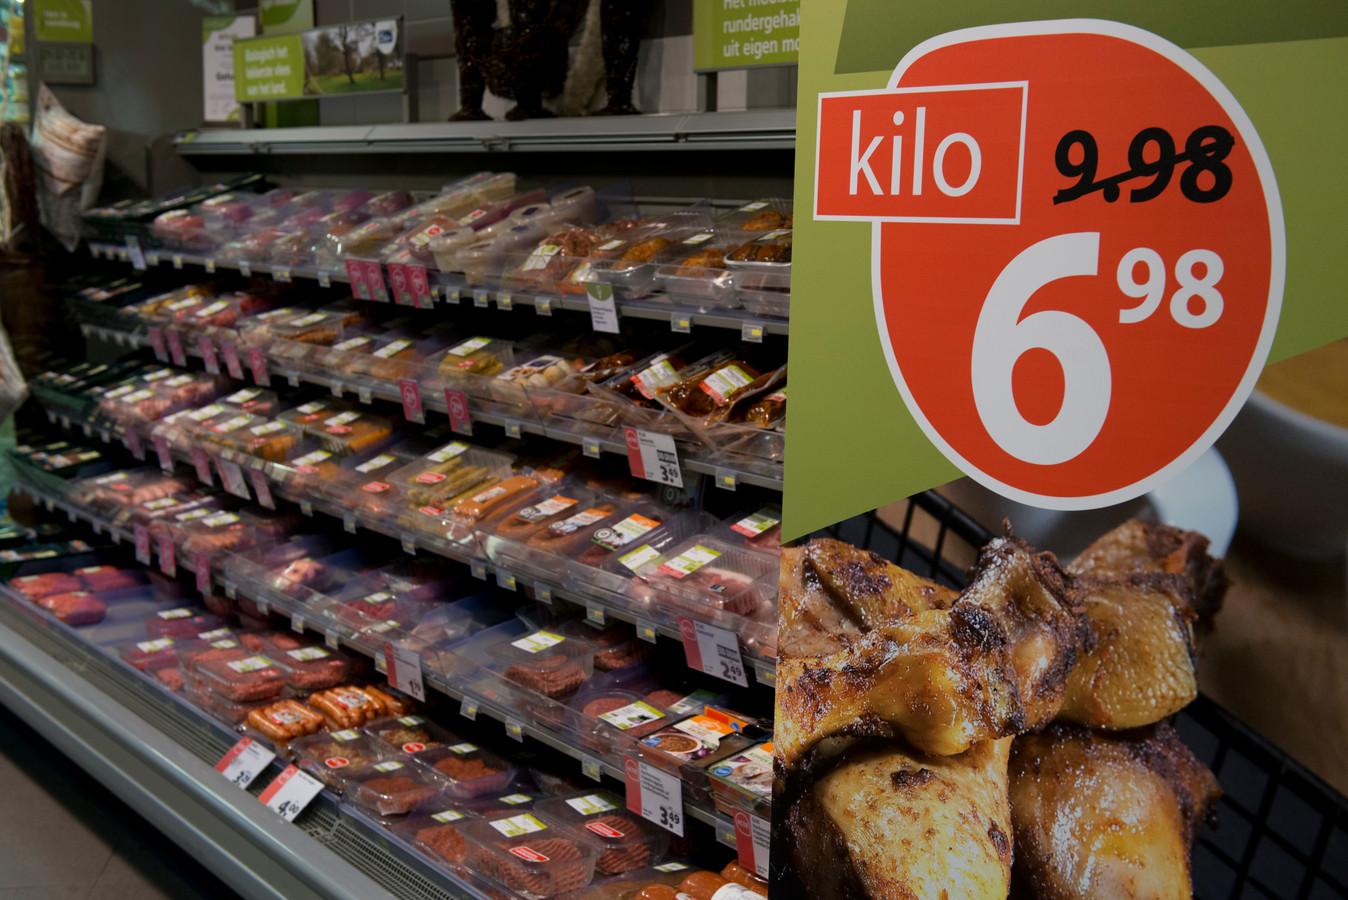 Het aantal vleesaanbiedingen is het afgelopen half jaar fors gestegen ten opzichte van dezelfde periode vorig jaar.